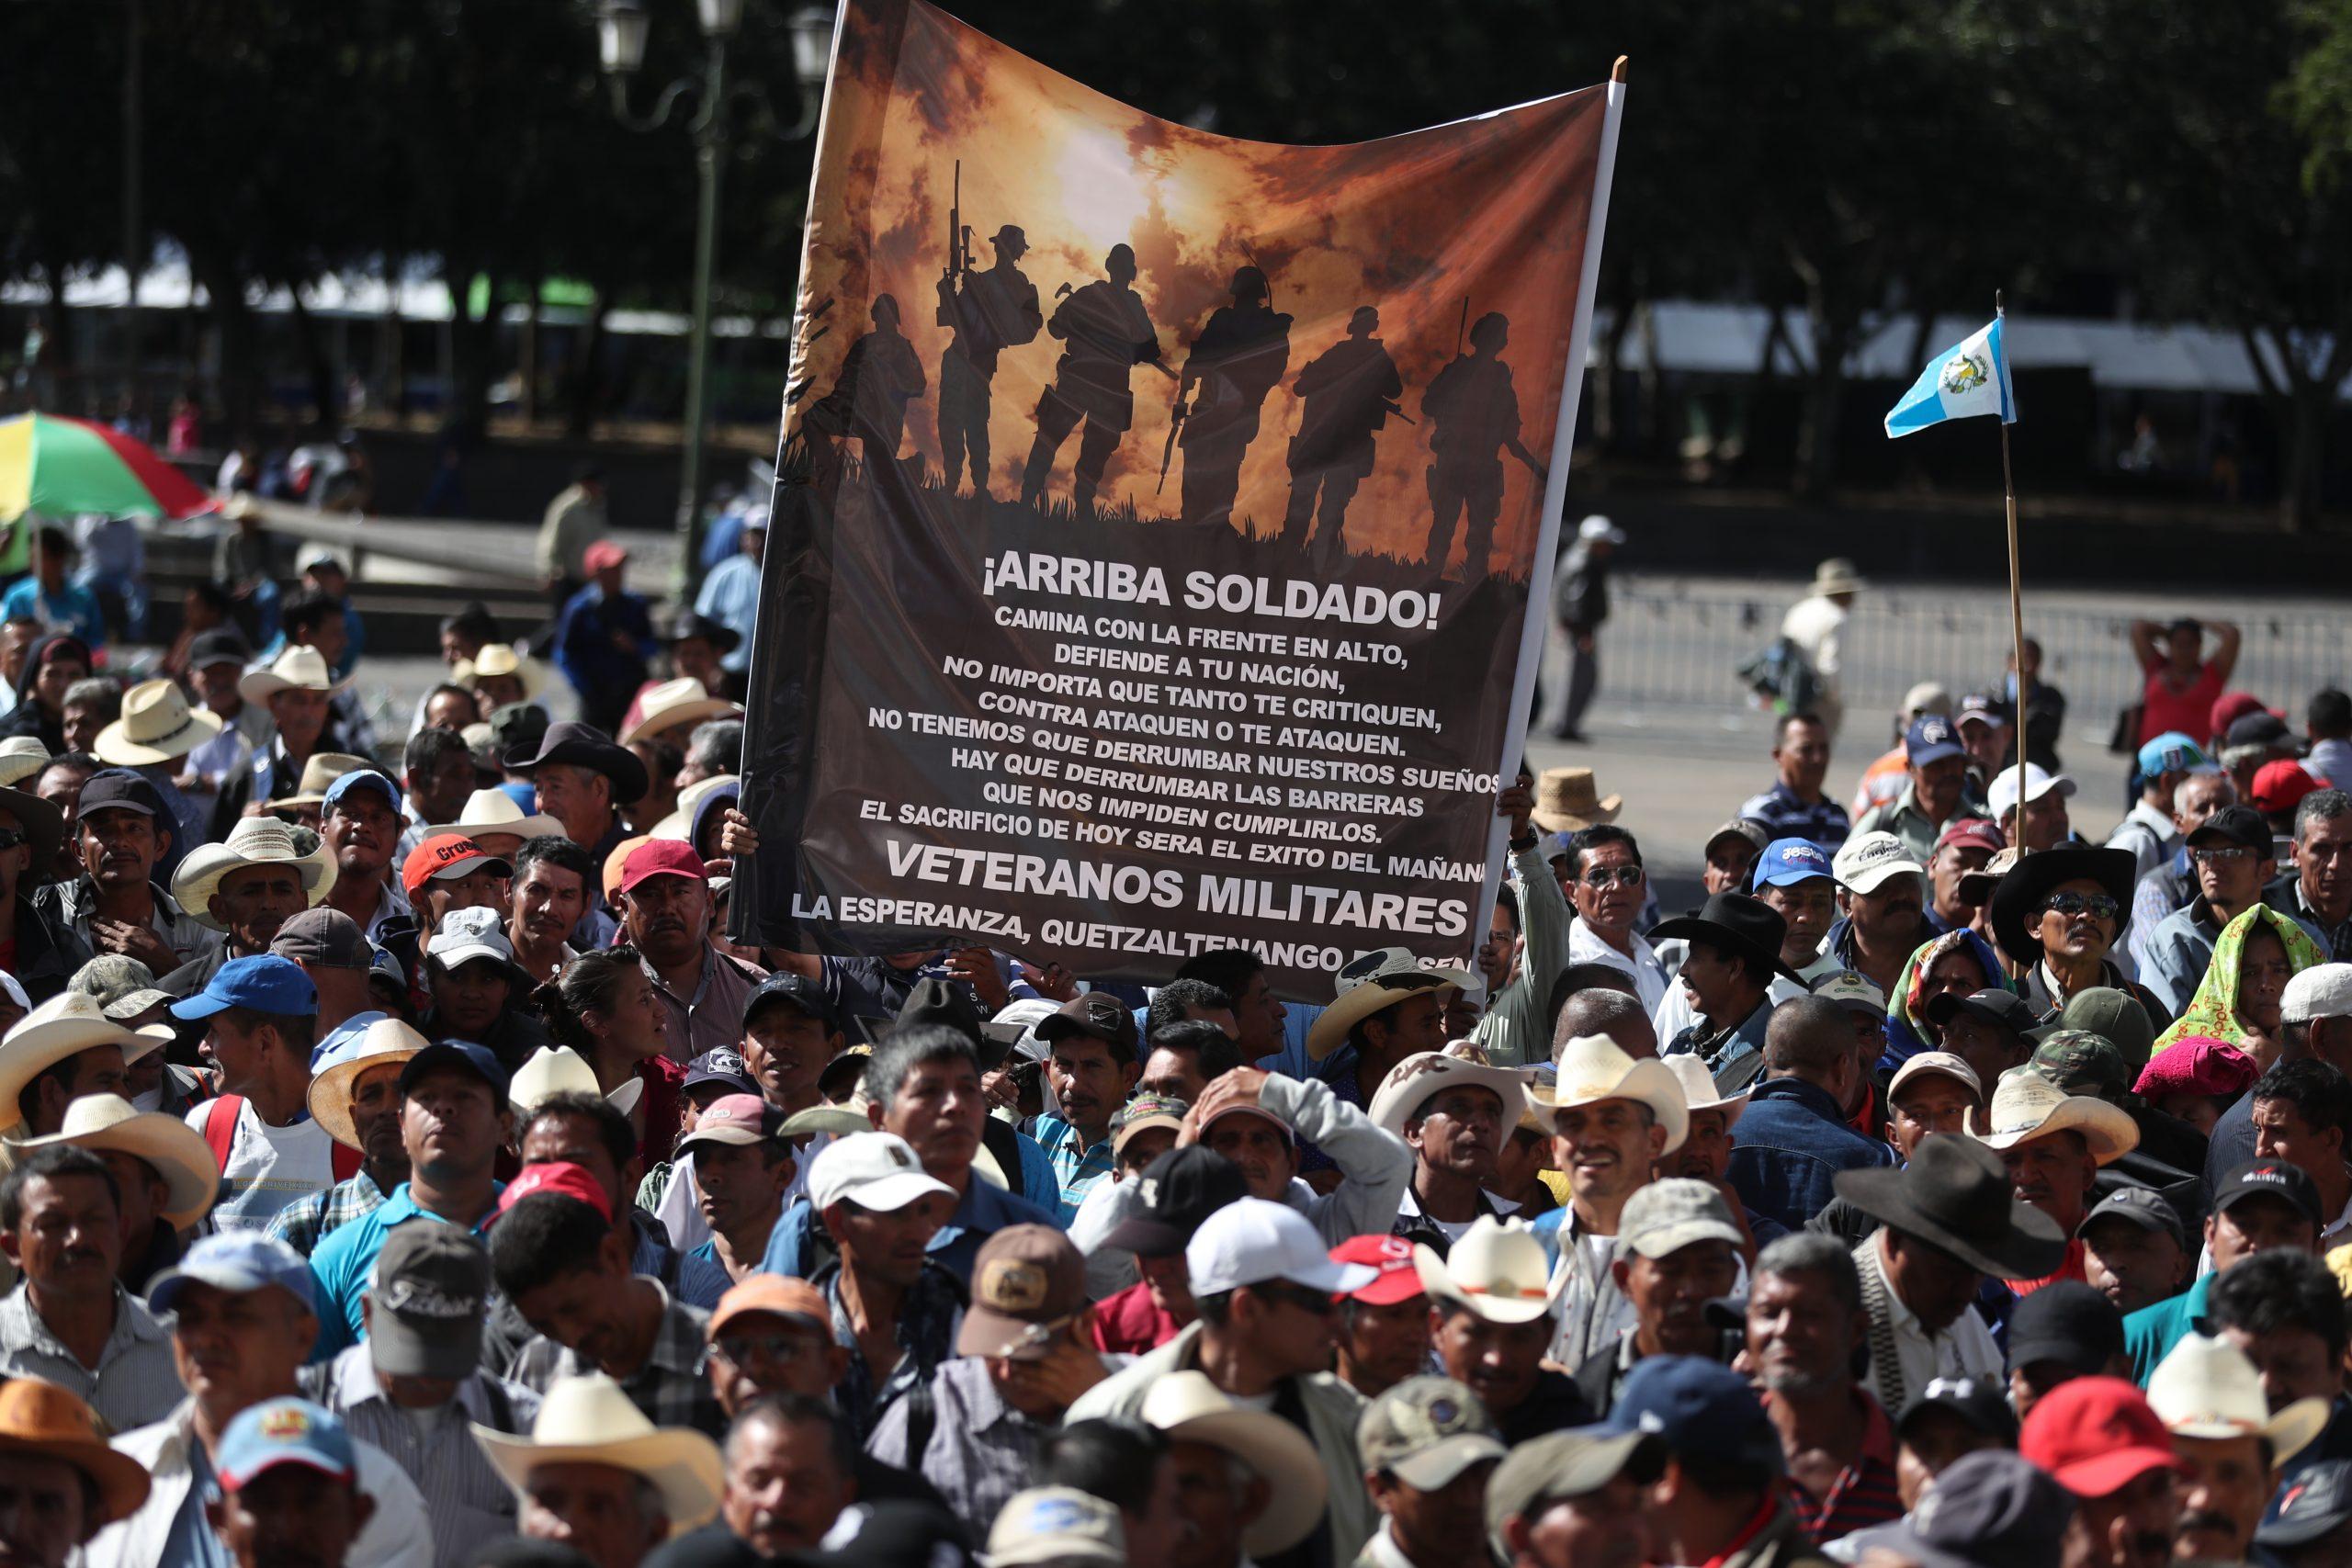 Veteranos militares anuncian protestas en el país miércoles, jueves y viernes - Prensa Libre